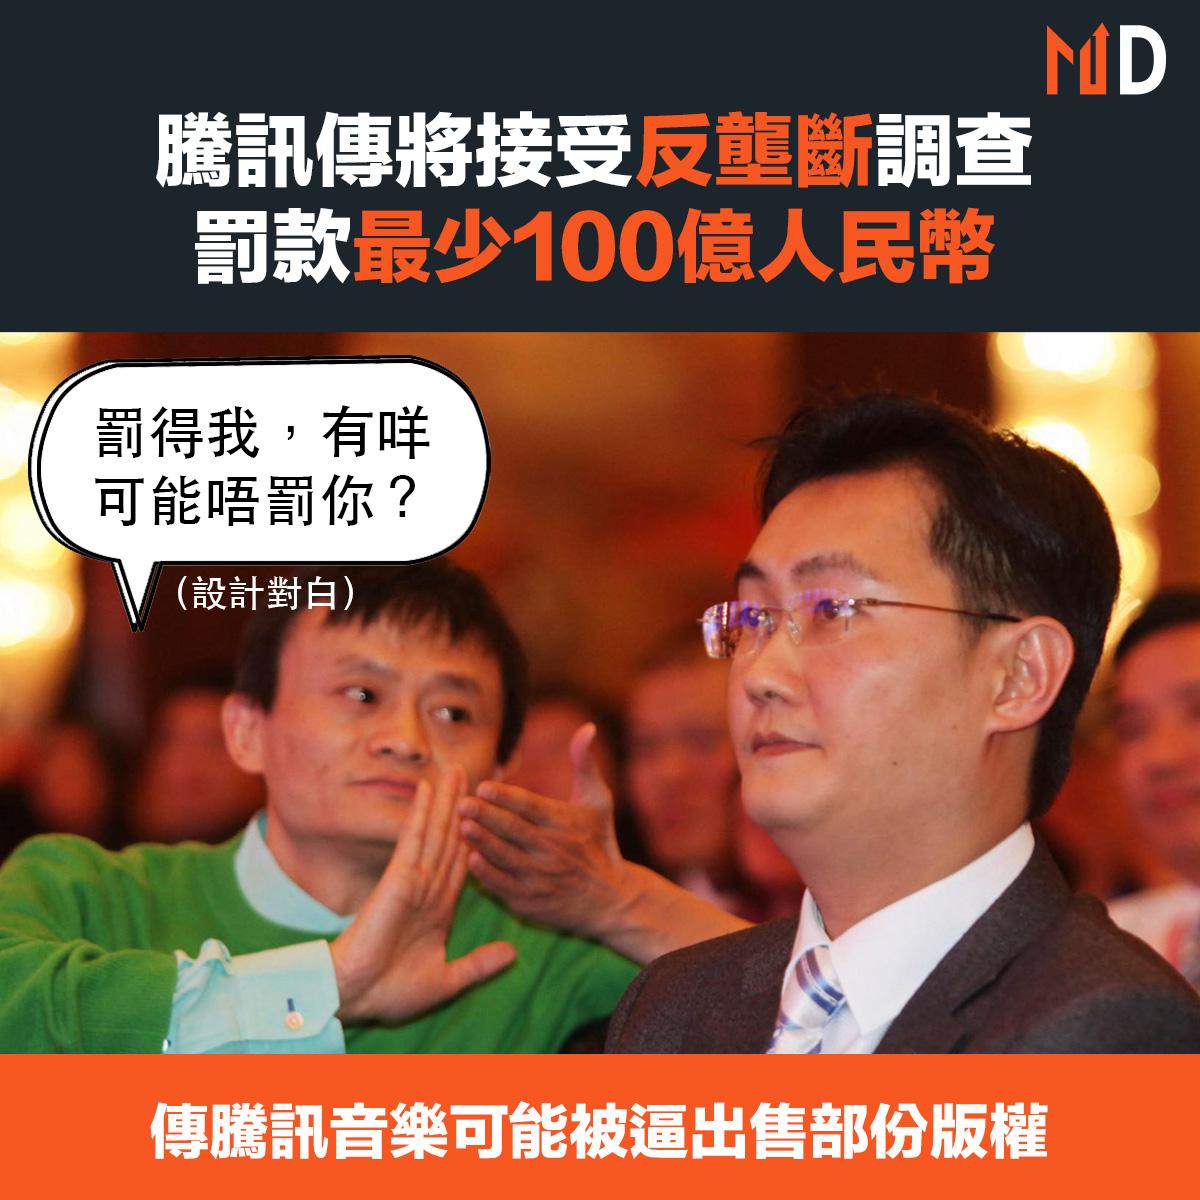 【市場熱話】騰訊傳將接受反壟斷調查罰款最少100億人民幣,騰訊音樂或被逼出售版權